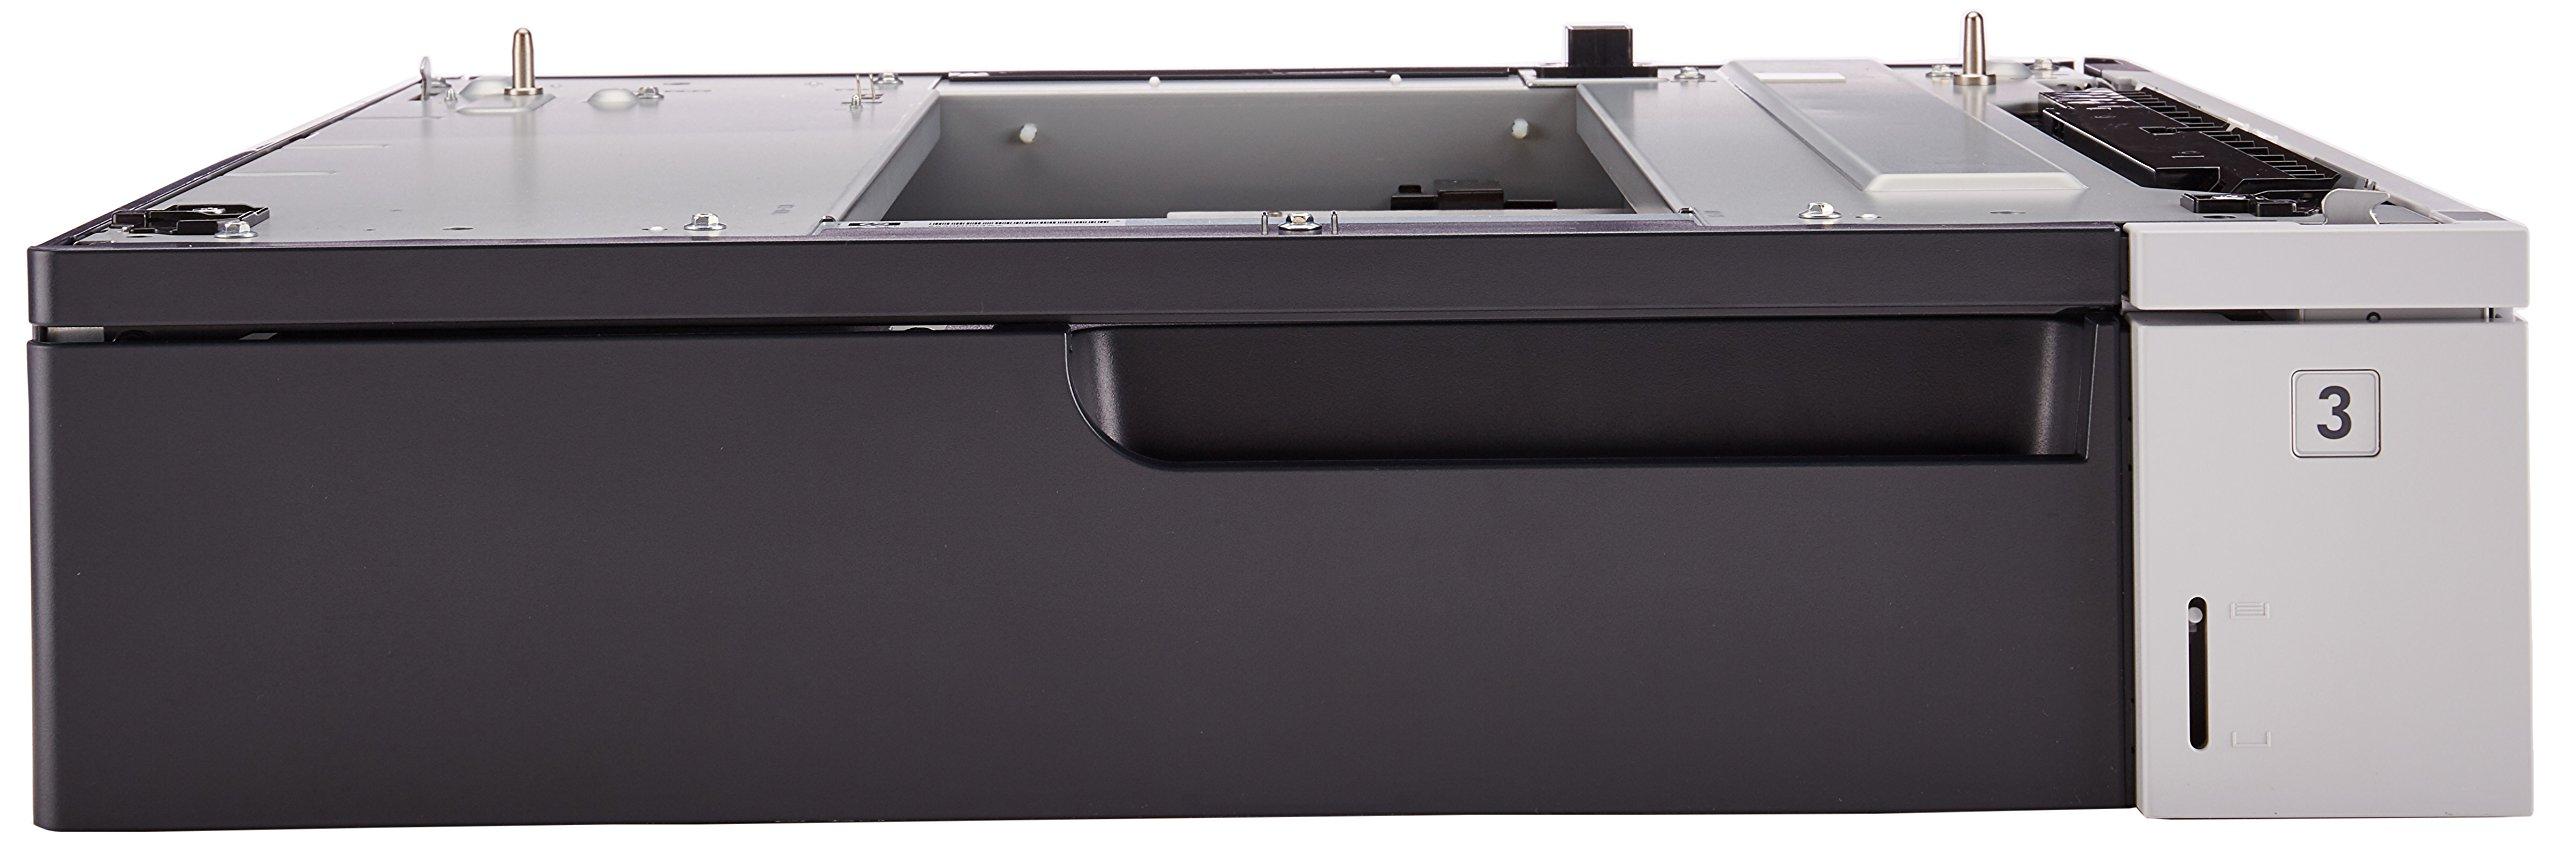 500-SHEET Tray Color Laserjet by Hewlett Packard